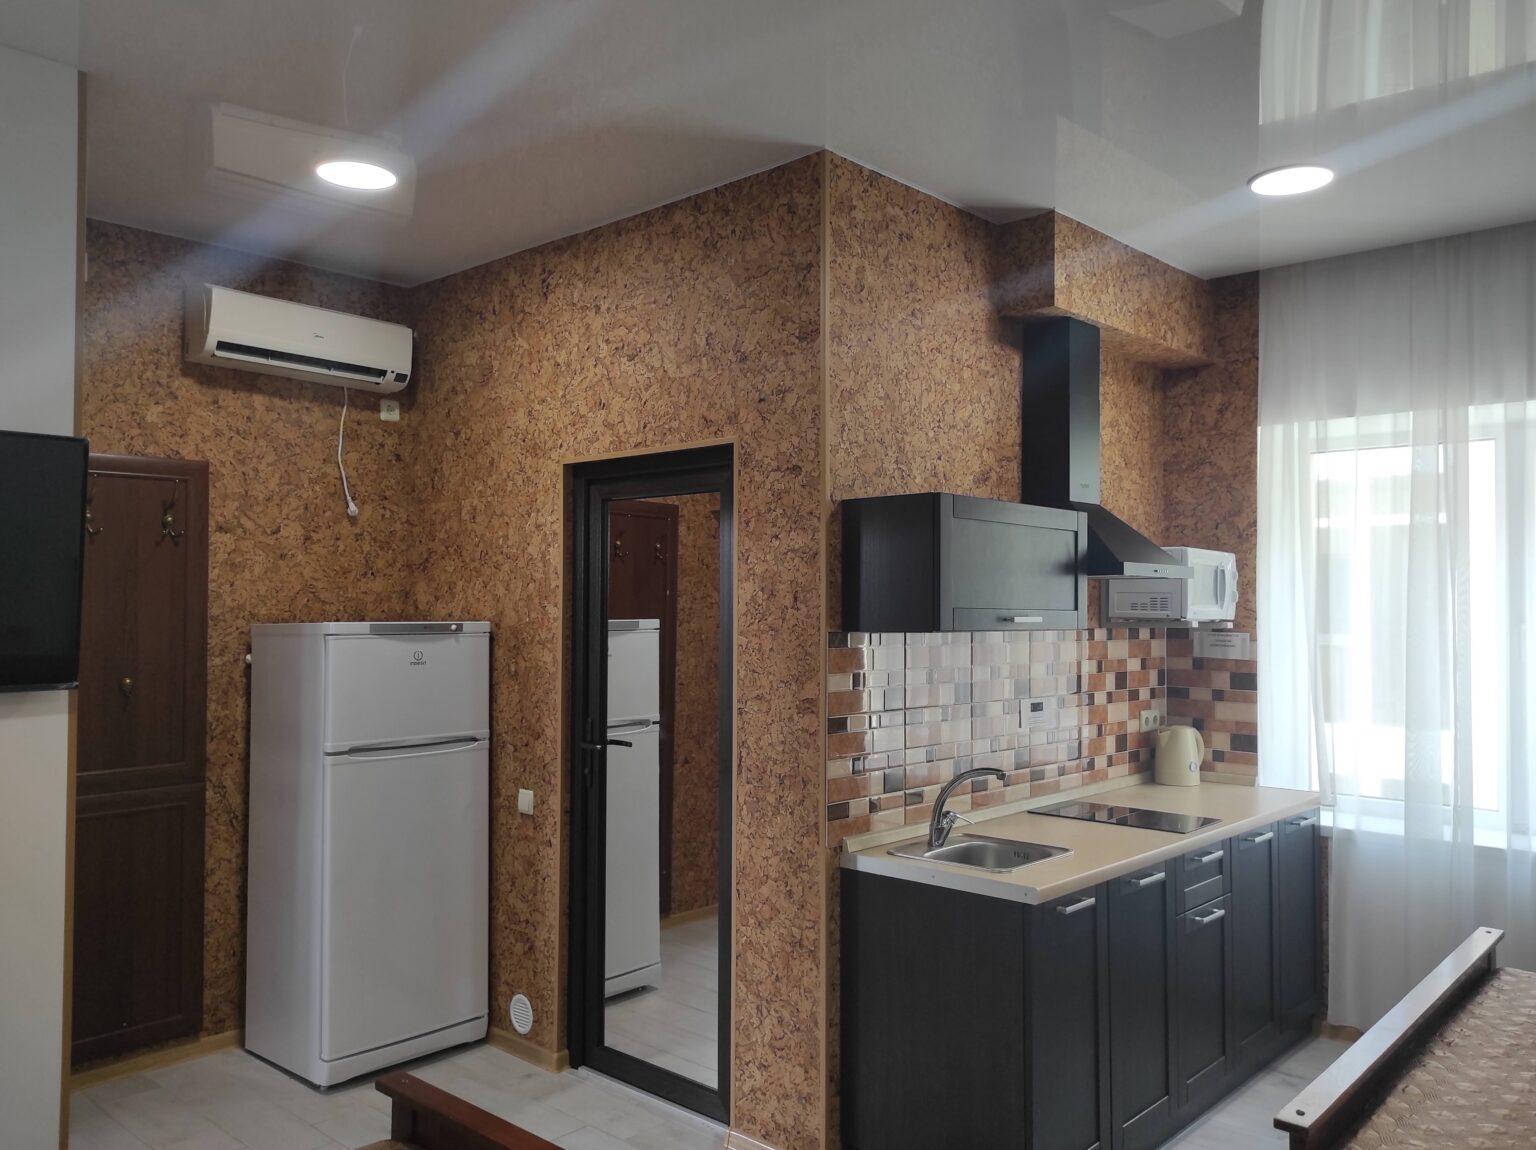 4-х местный люкс, однокомнатный. Кухня